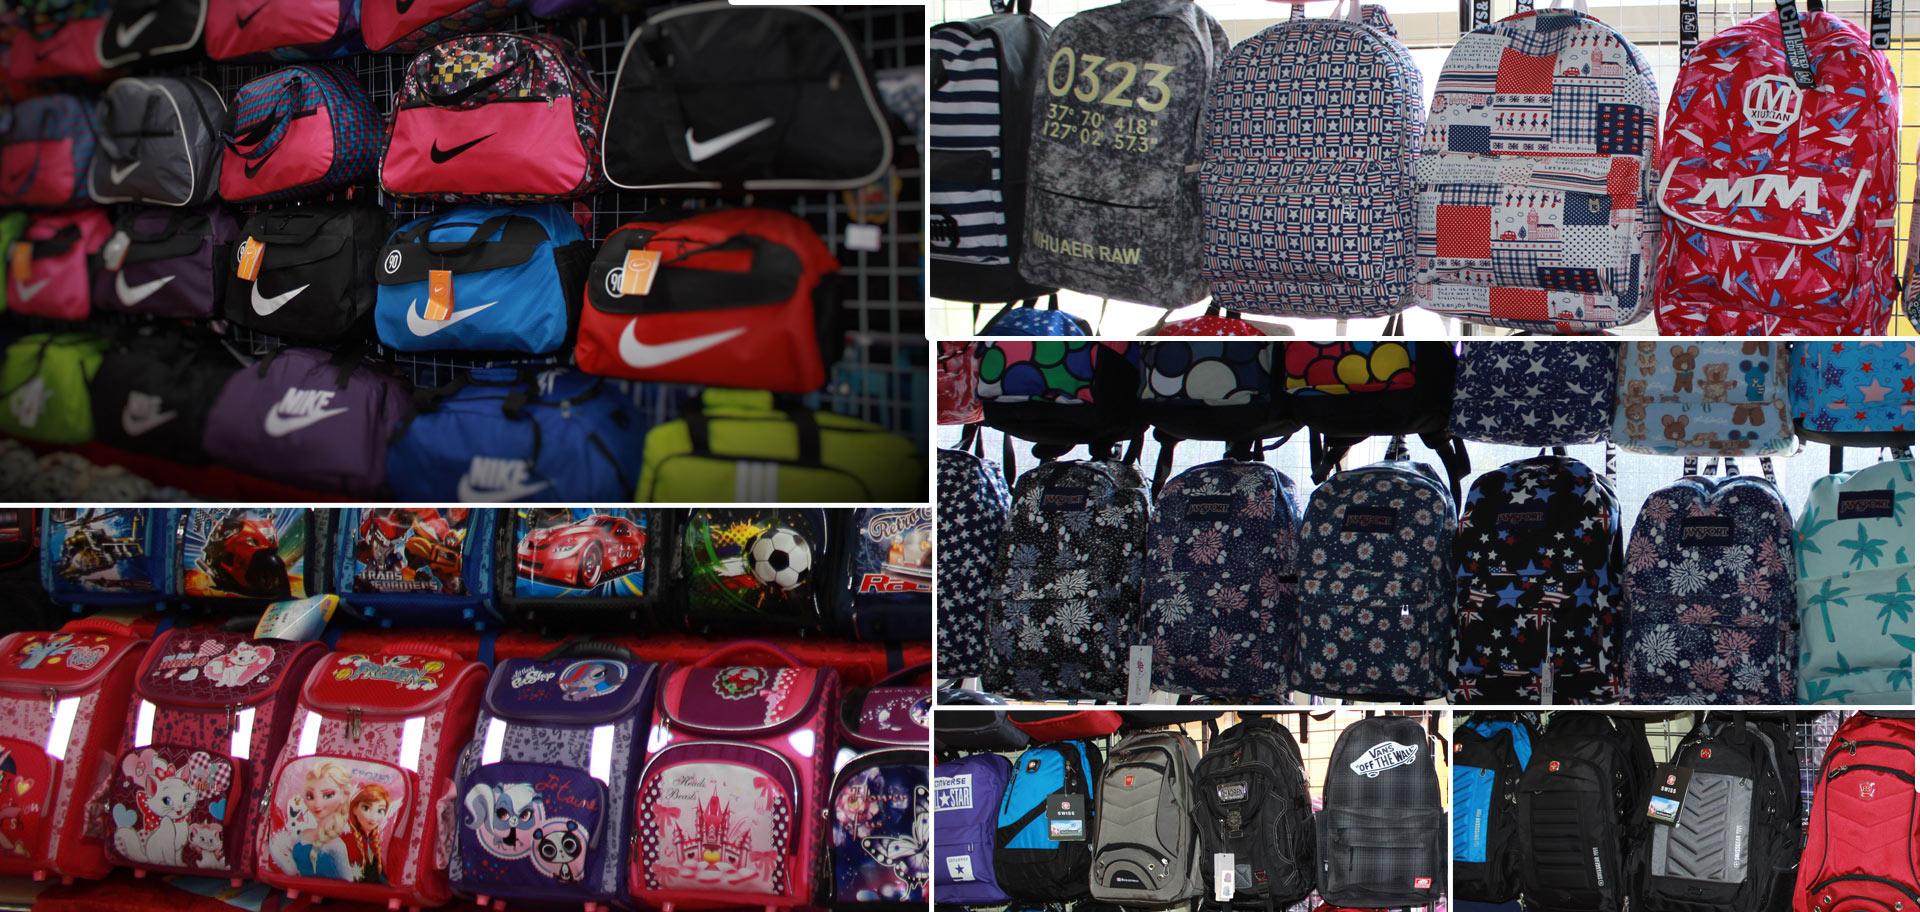 рюкзаки и спортивные сумки оптом со склада в Новосибирске